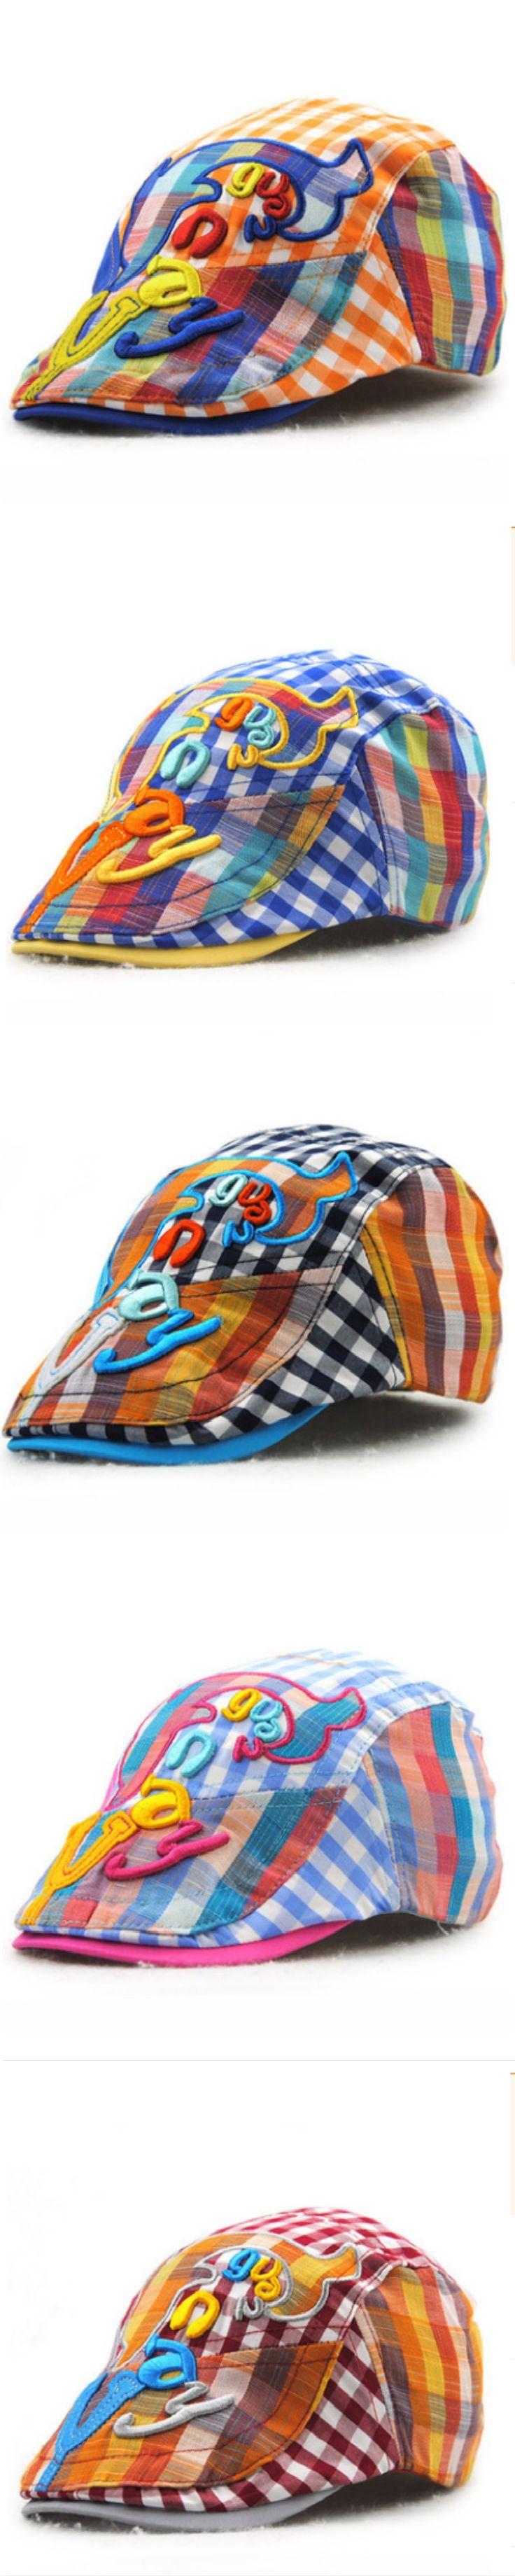 plaid summer children berets kids cartoon whale newsboy hat baby boy girl flat cap duckbill visor casquette peaked bone